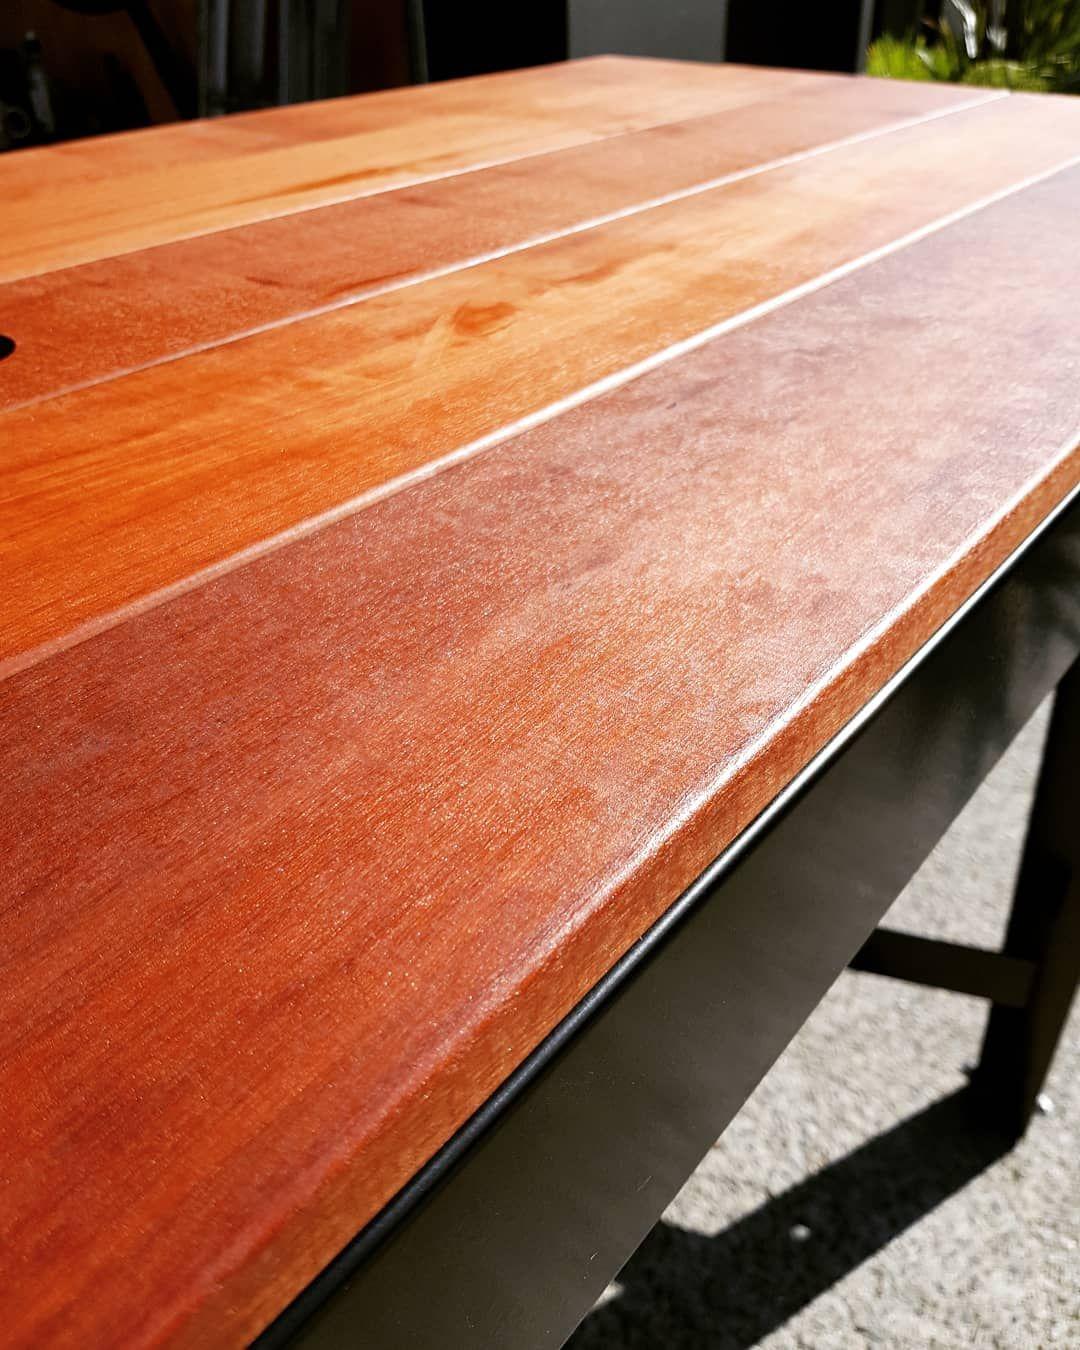 Thegenesis Outdoor Furniture Danish Oil Outdoor Projects Color Pop